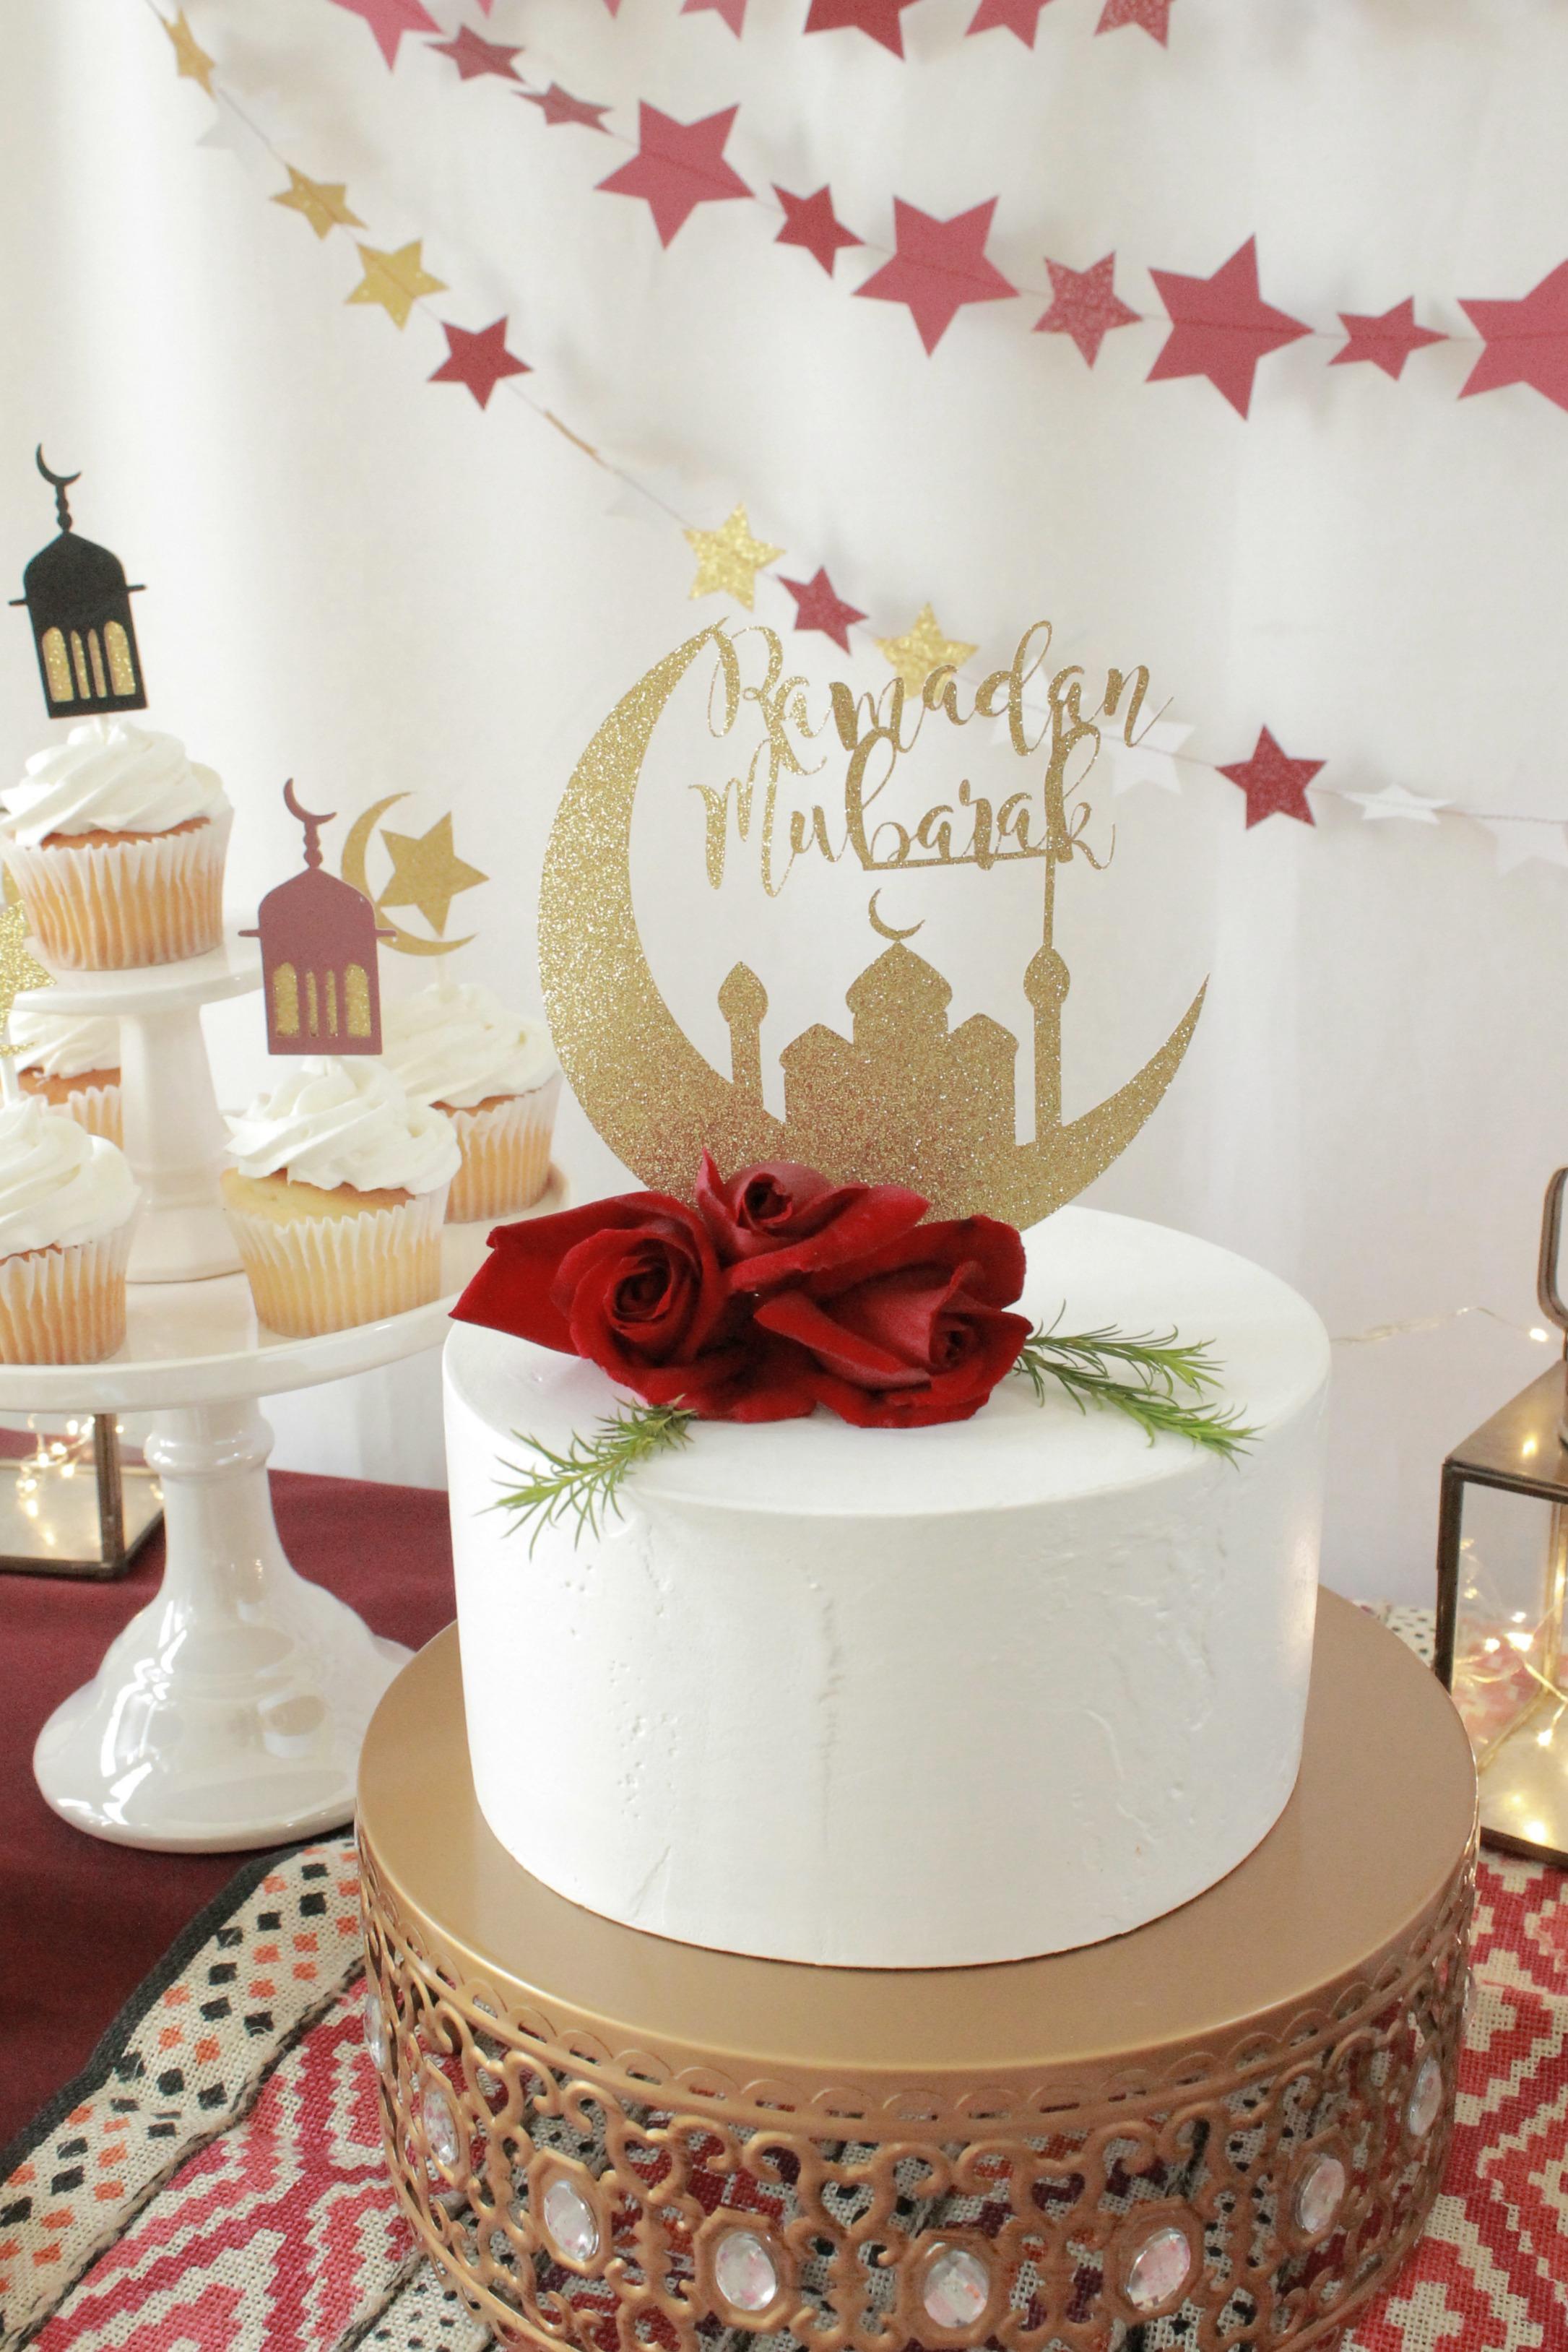 Ramadan Mubarak-www.SugarPartiesLA.com.jpg